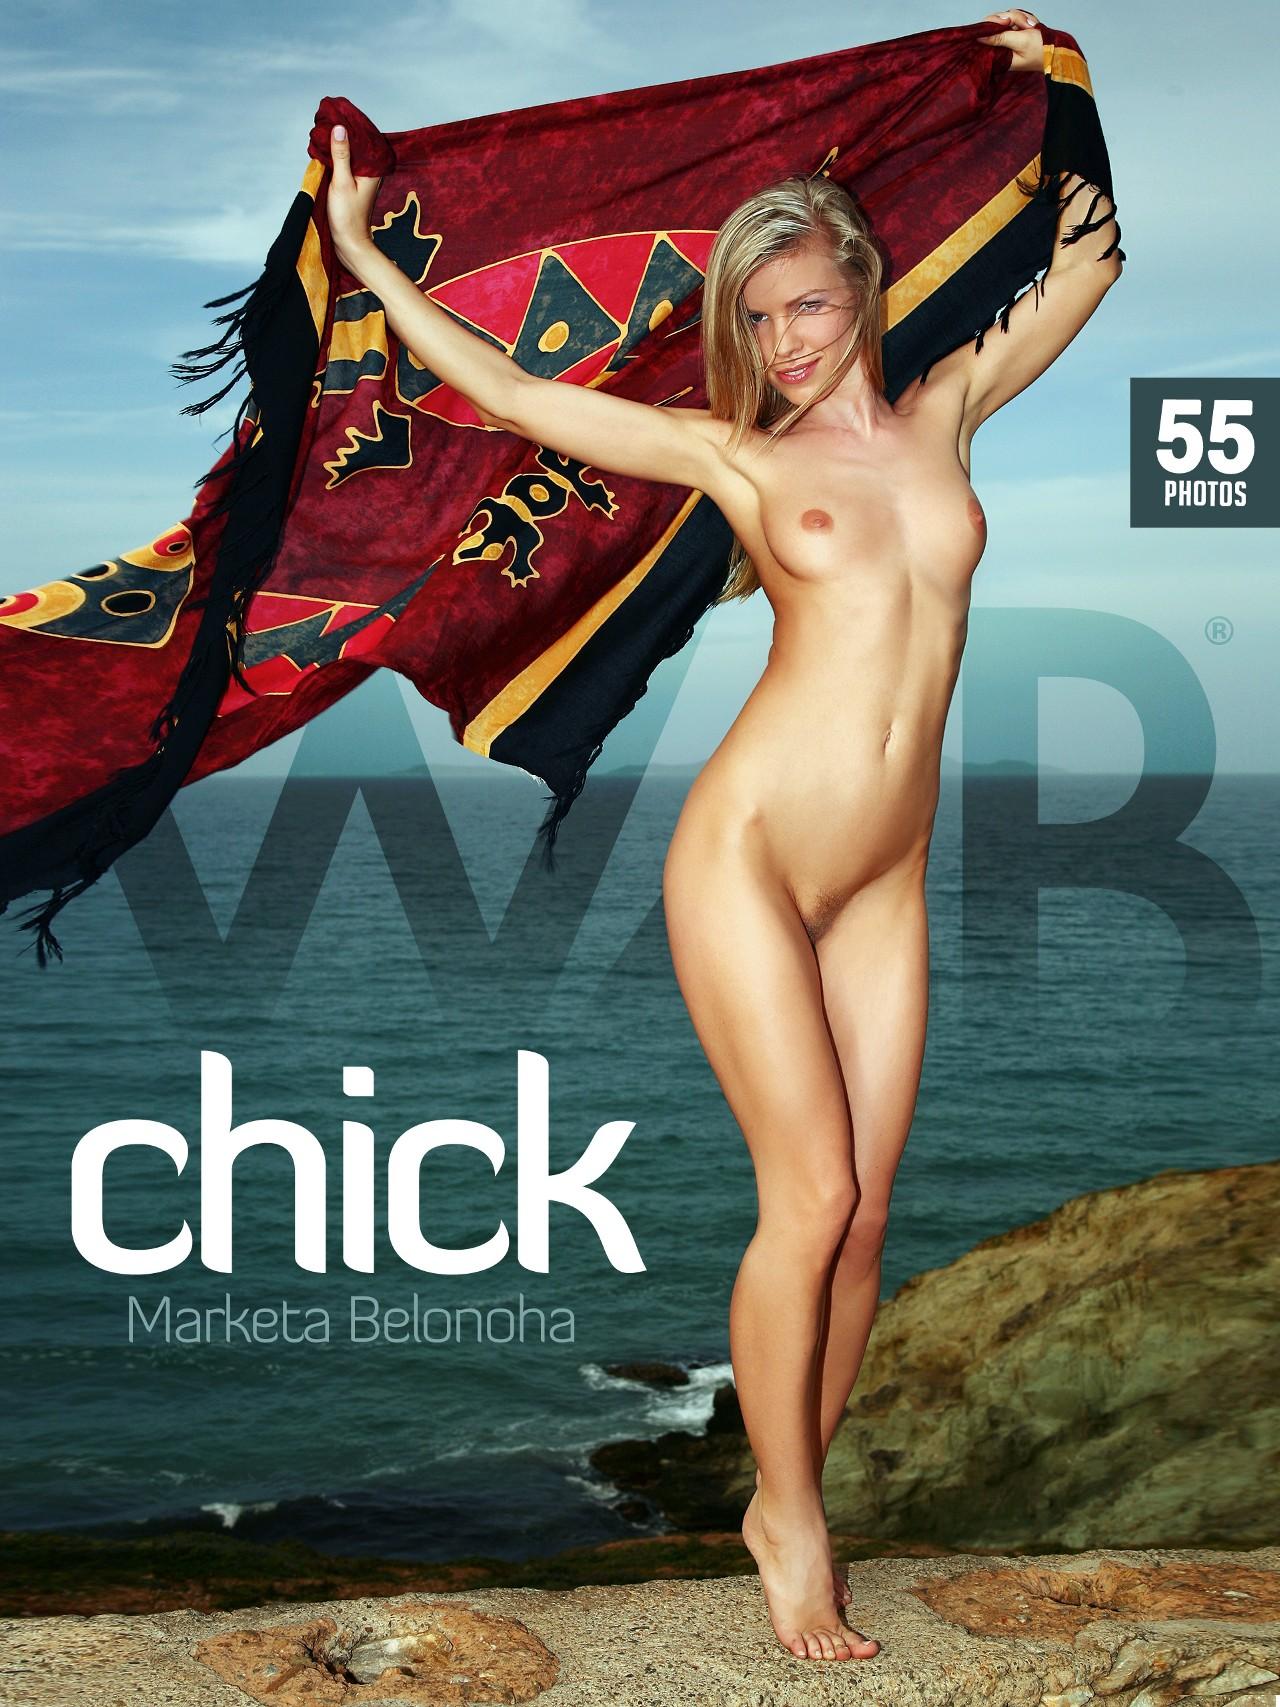 Marketa Belonoha: Chick